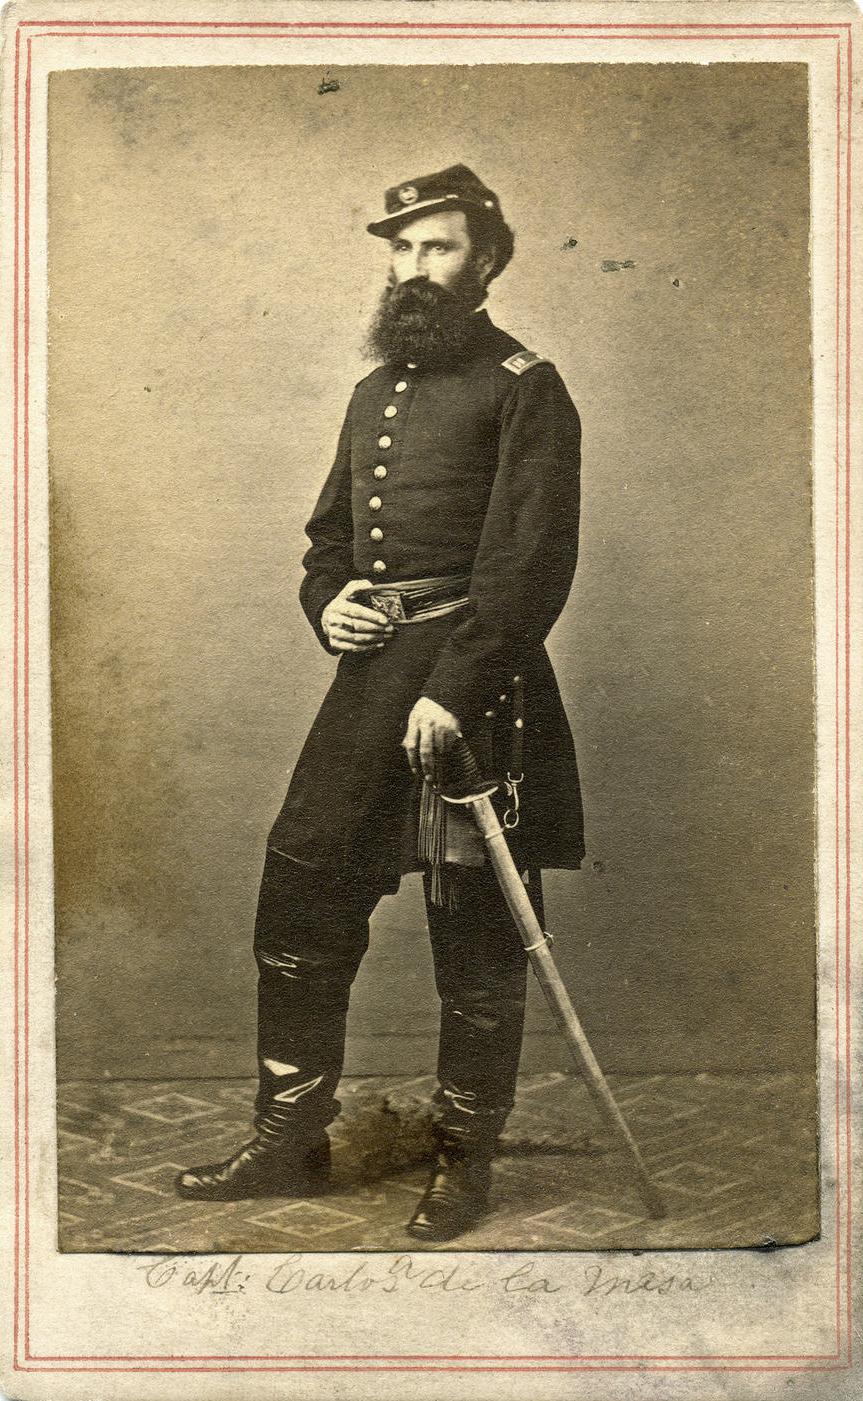 Allen's grandfather, Captain Carlos de la Mesa(Photo: New York State Military Museum)